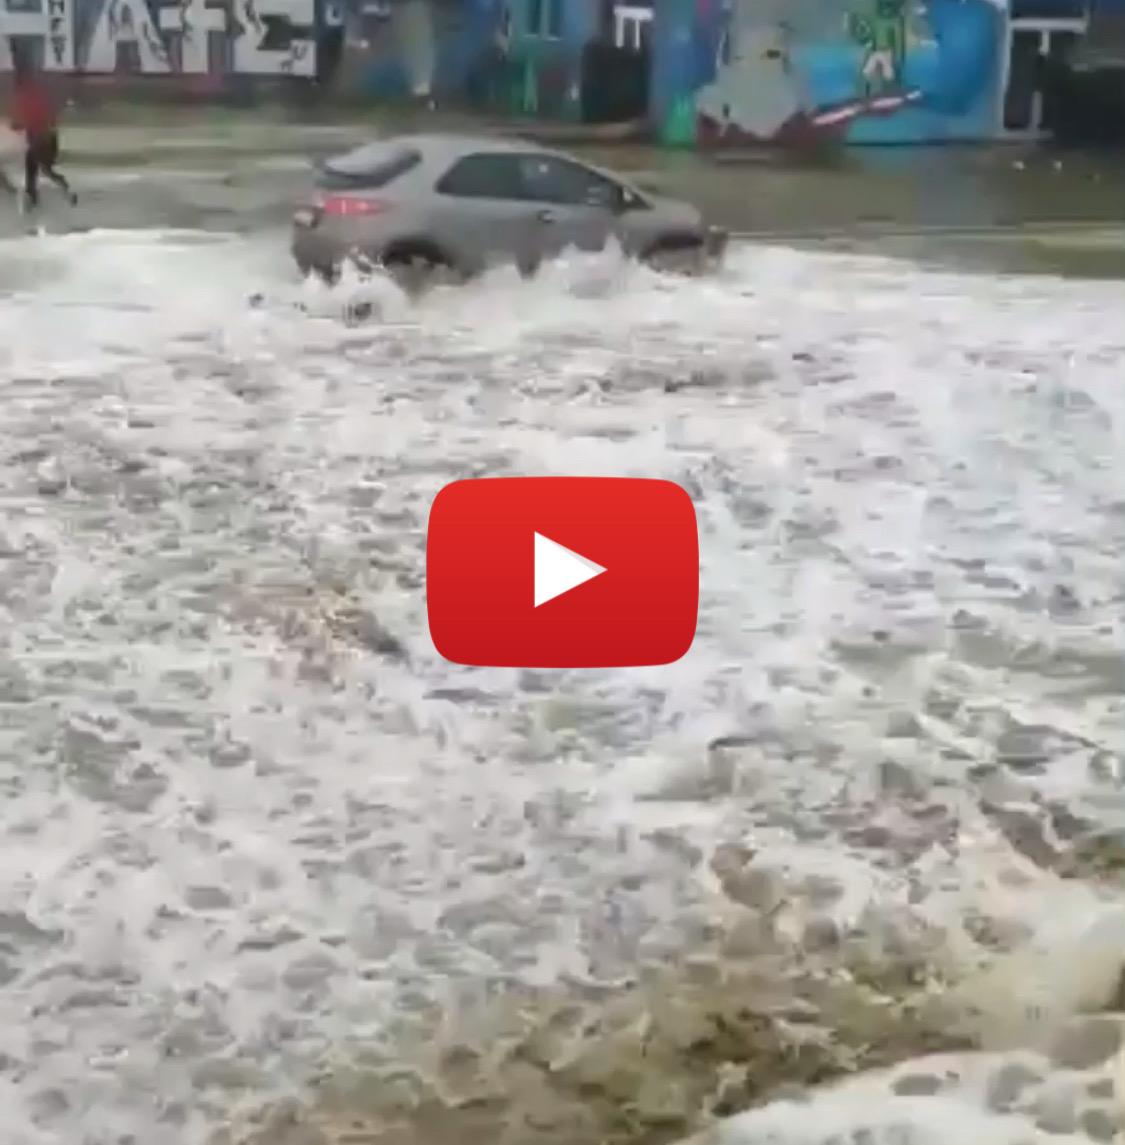 Meteo Cronaca diretta video: Ravenna, onda impressionante invade il lungomare e le auto - iLMeteo.it